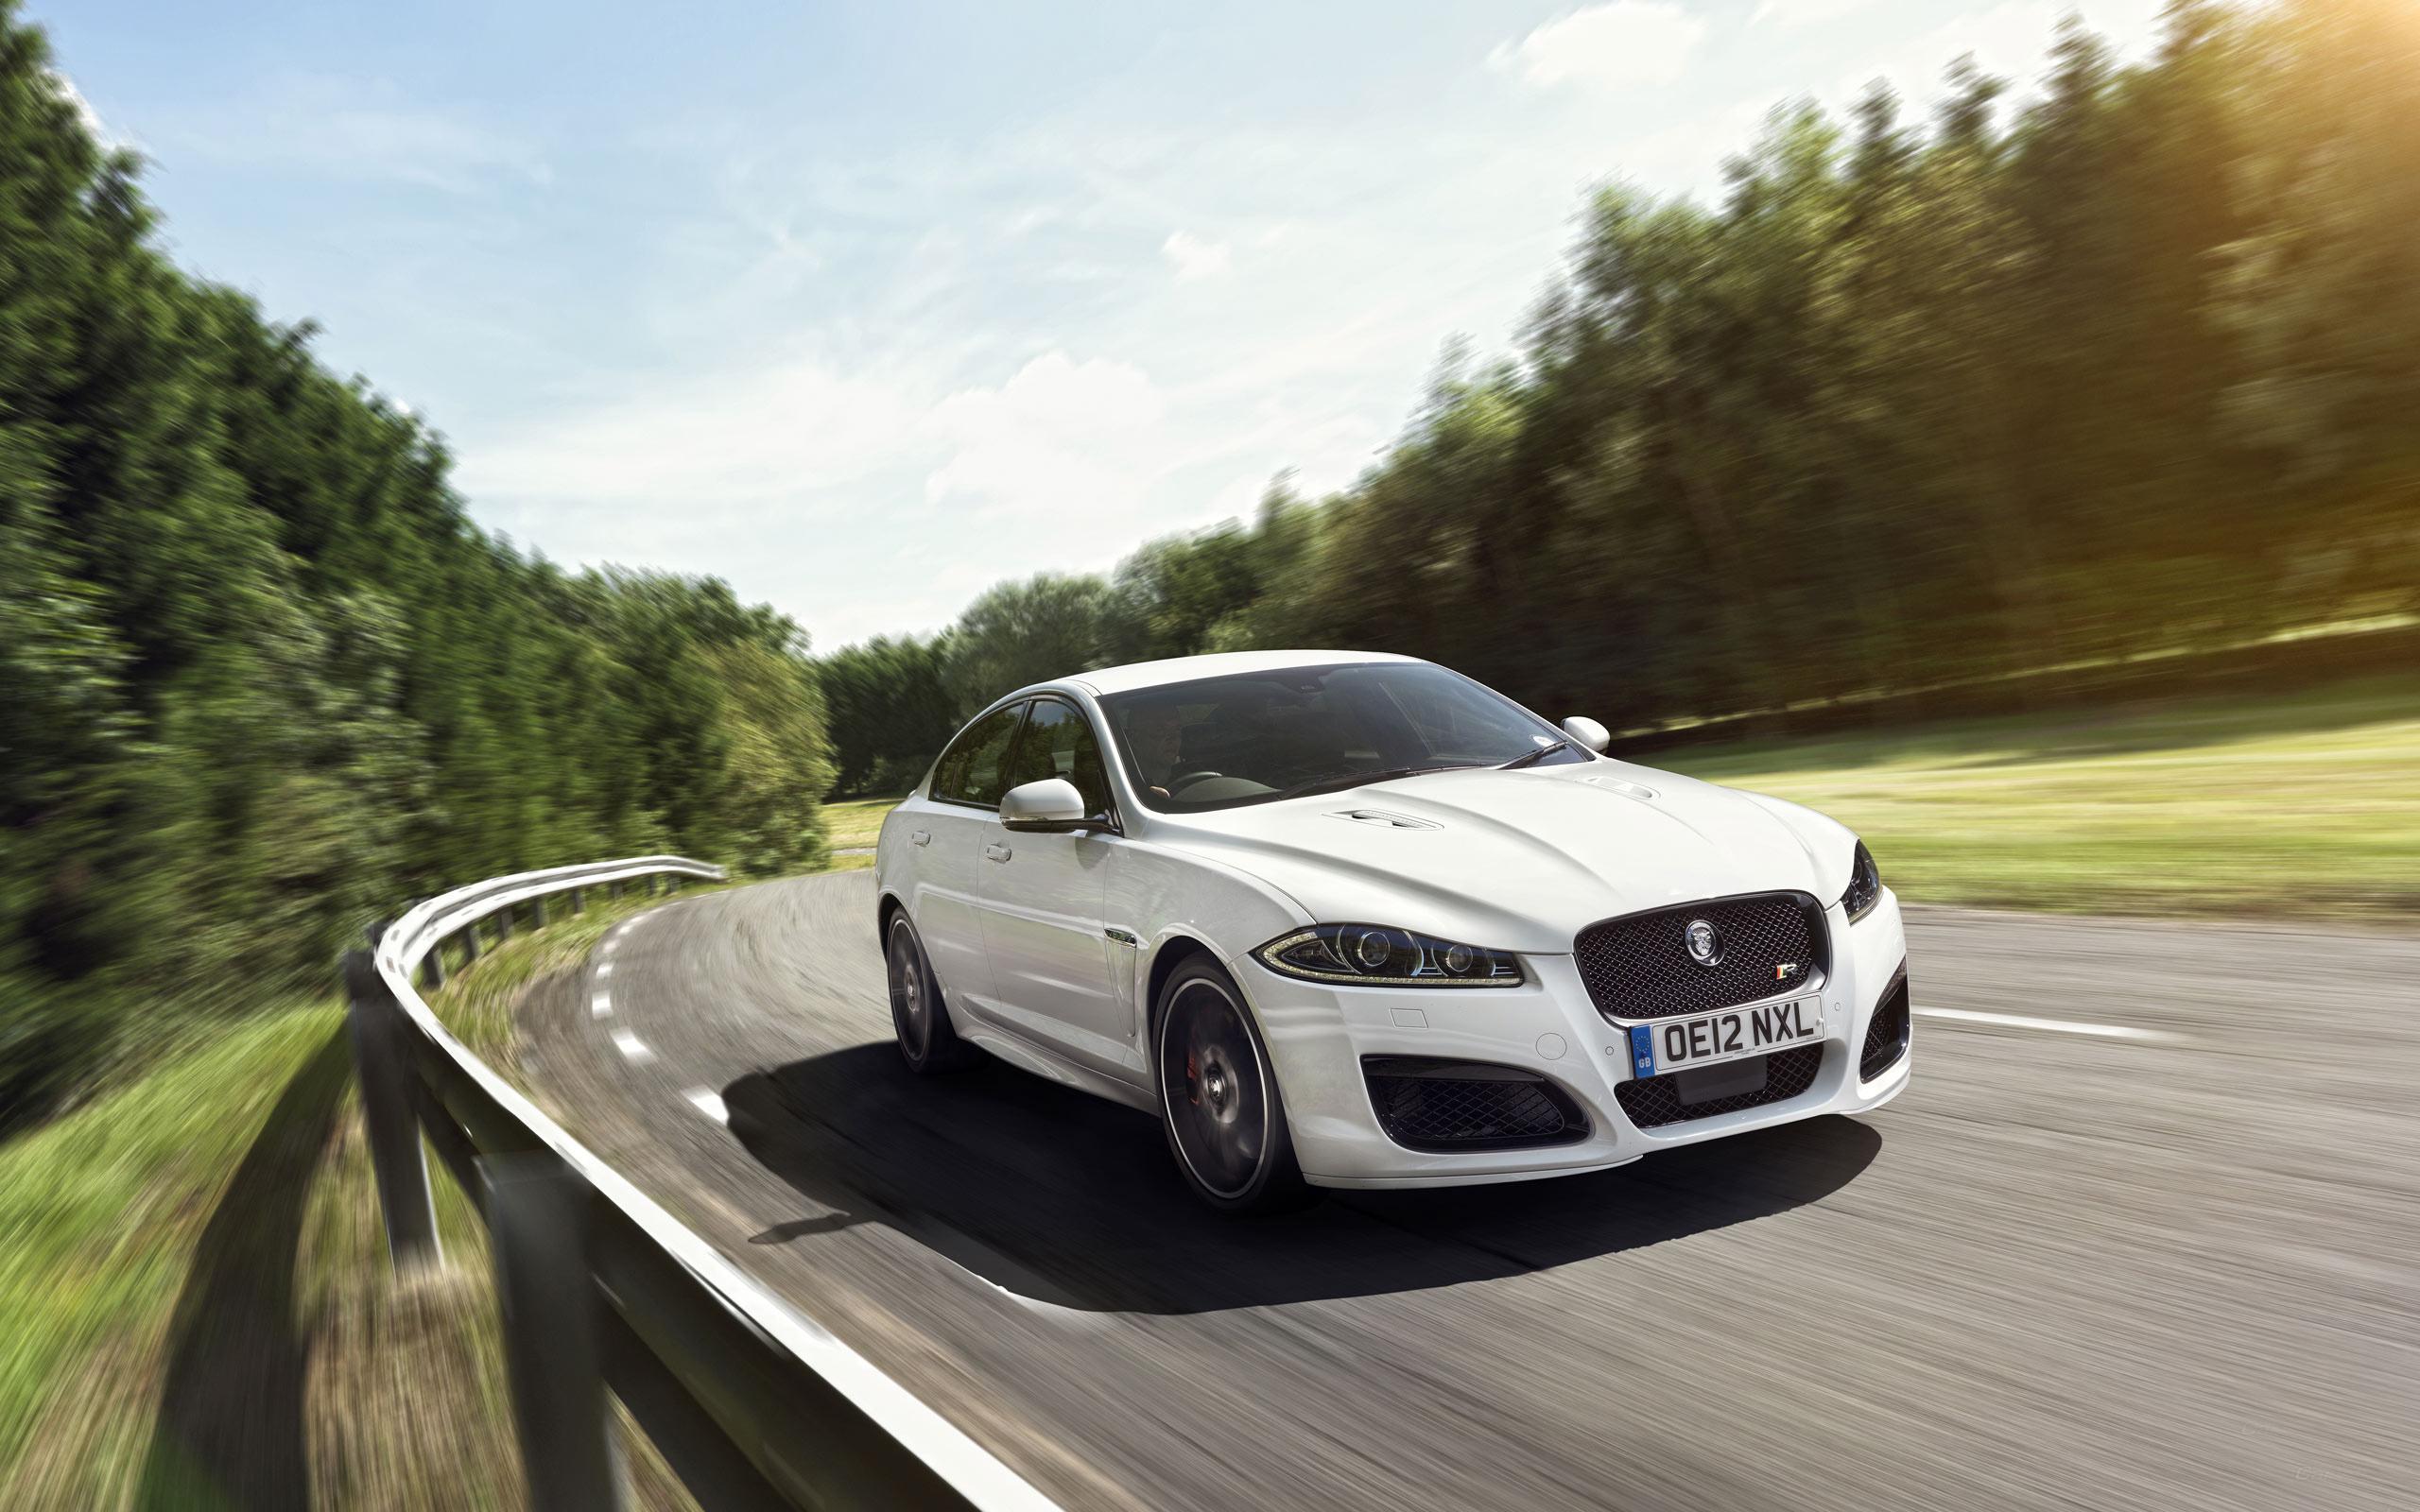 White Jaguar Car Wallpaper Hd   Photo#26